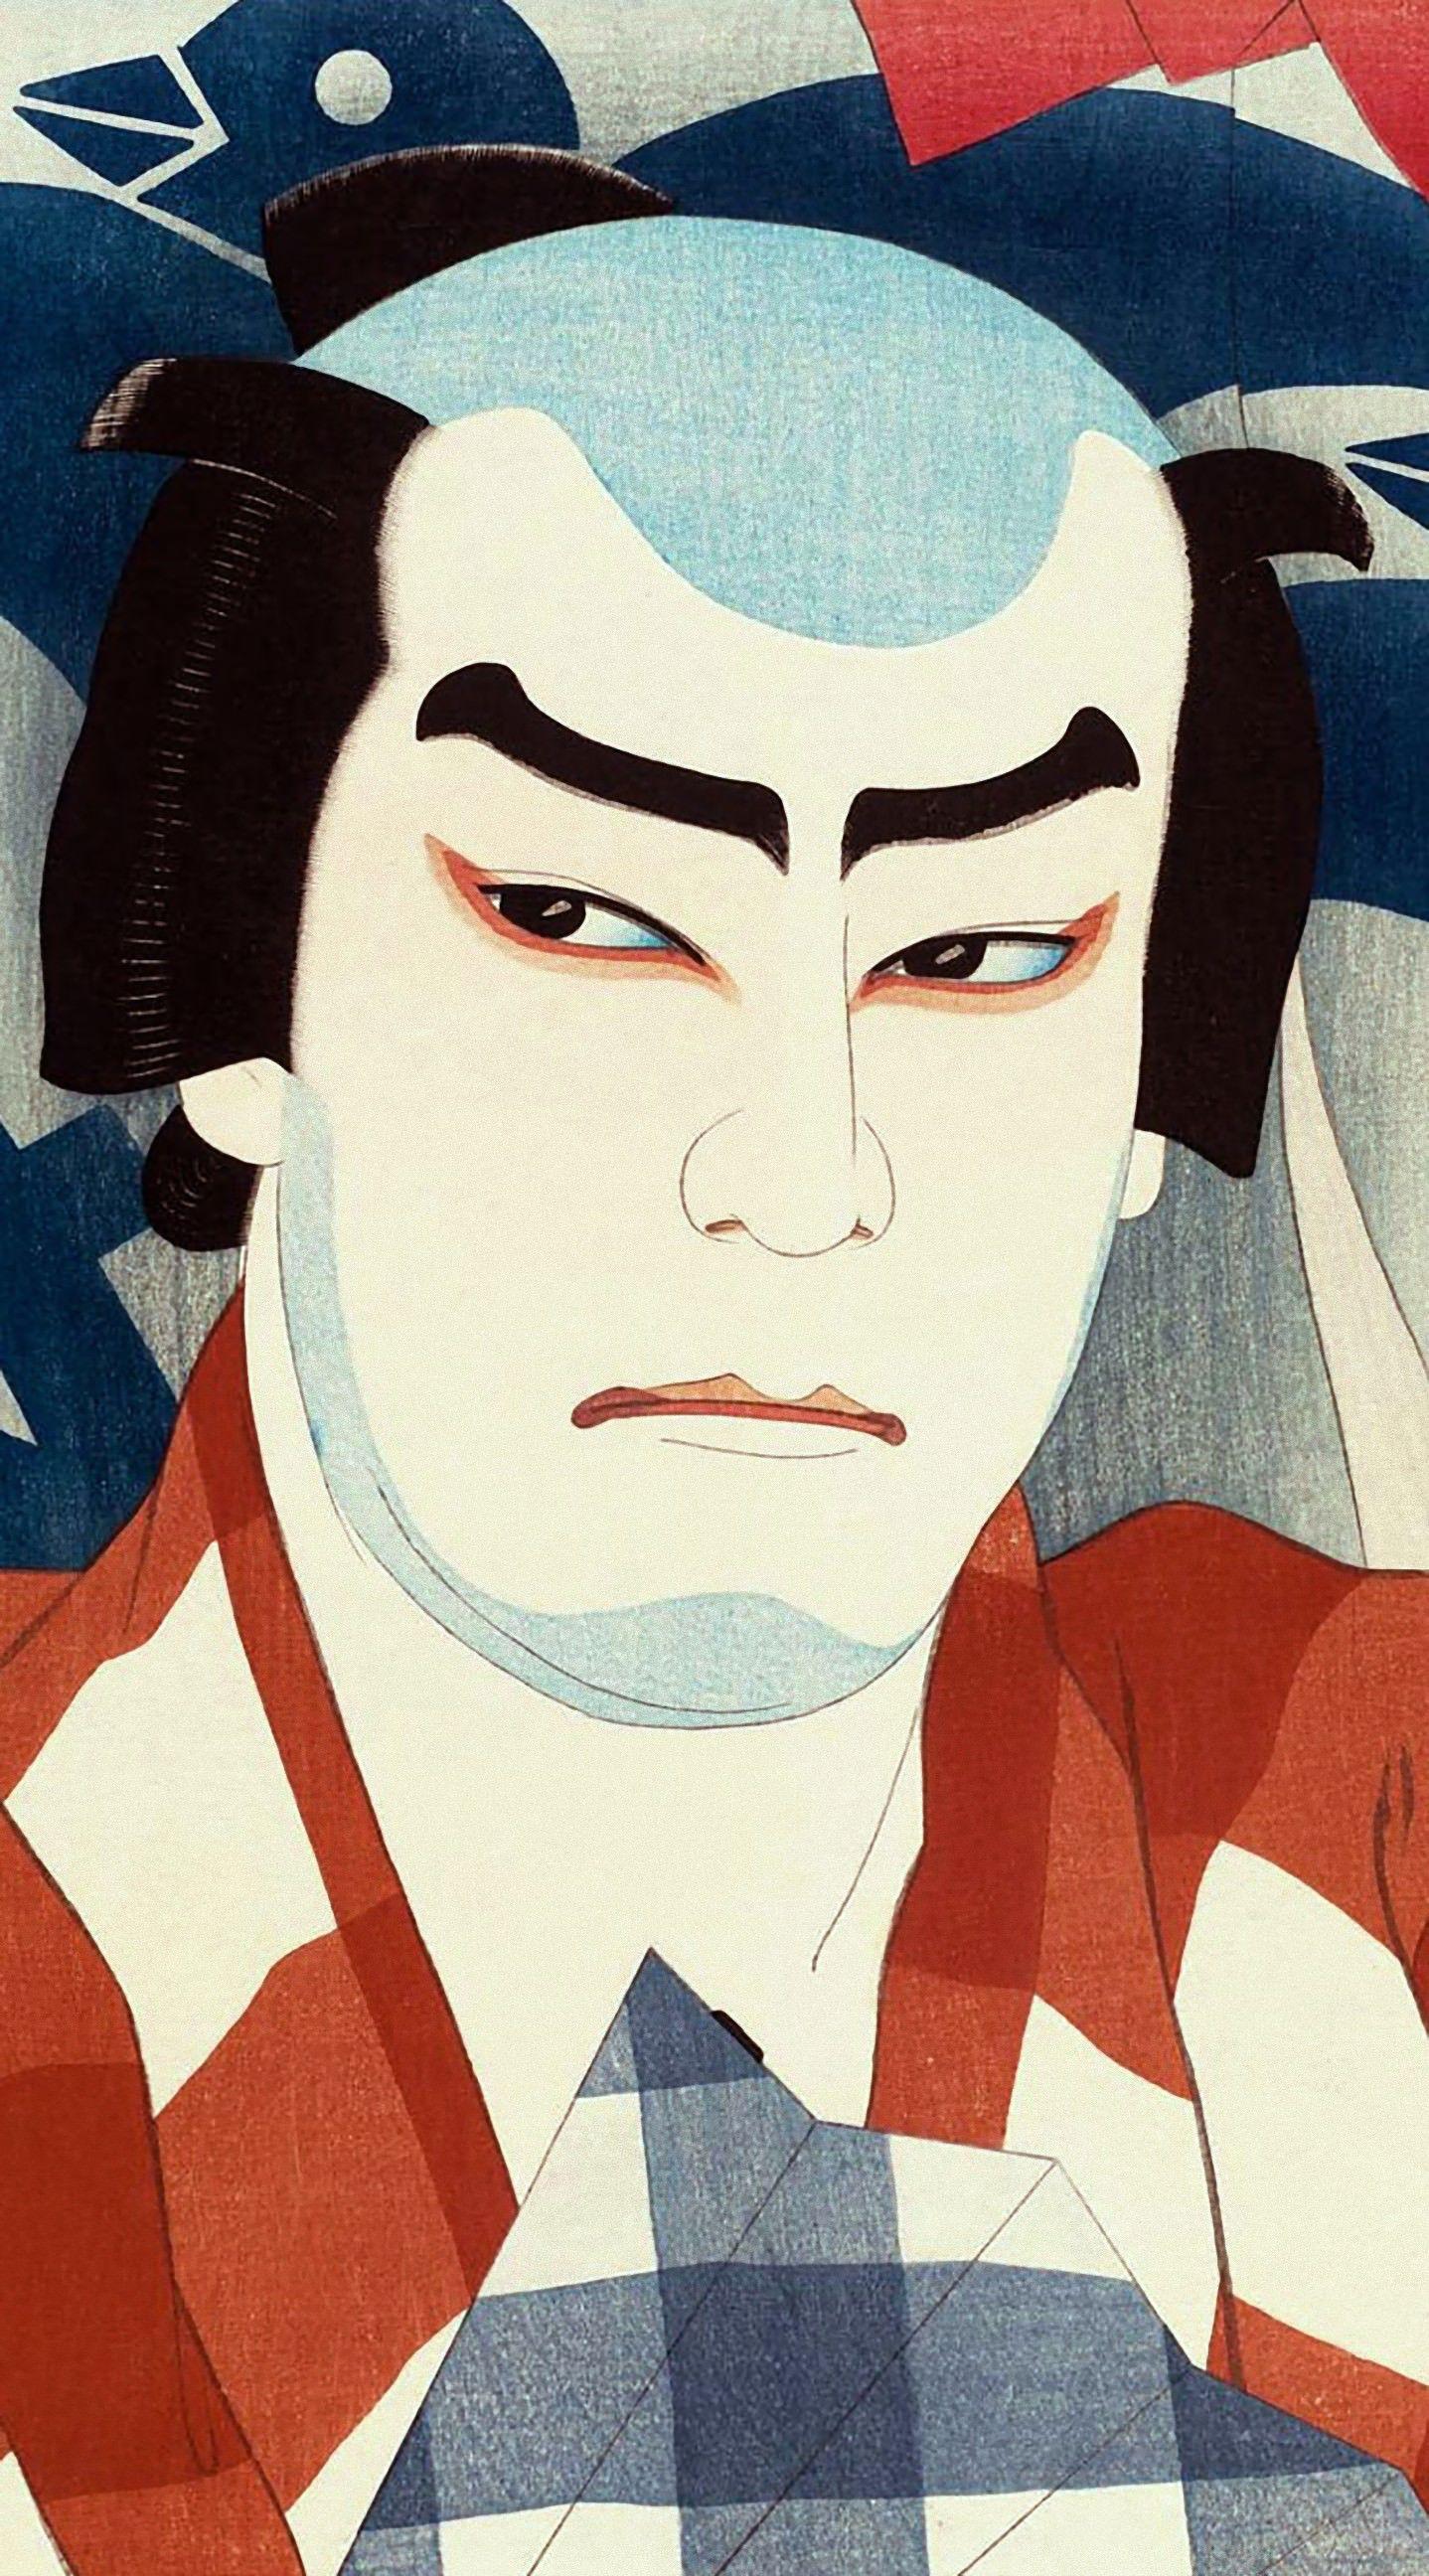 iPhone壁紙 by 浮世絵壁紙 - 美しい日本画ギャラリー http://goo.gl/MGWNar